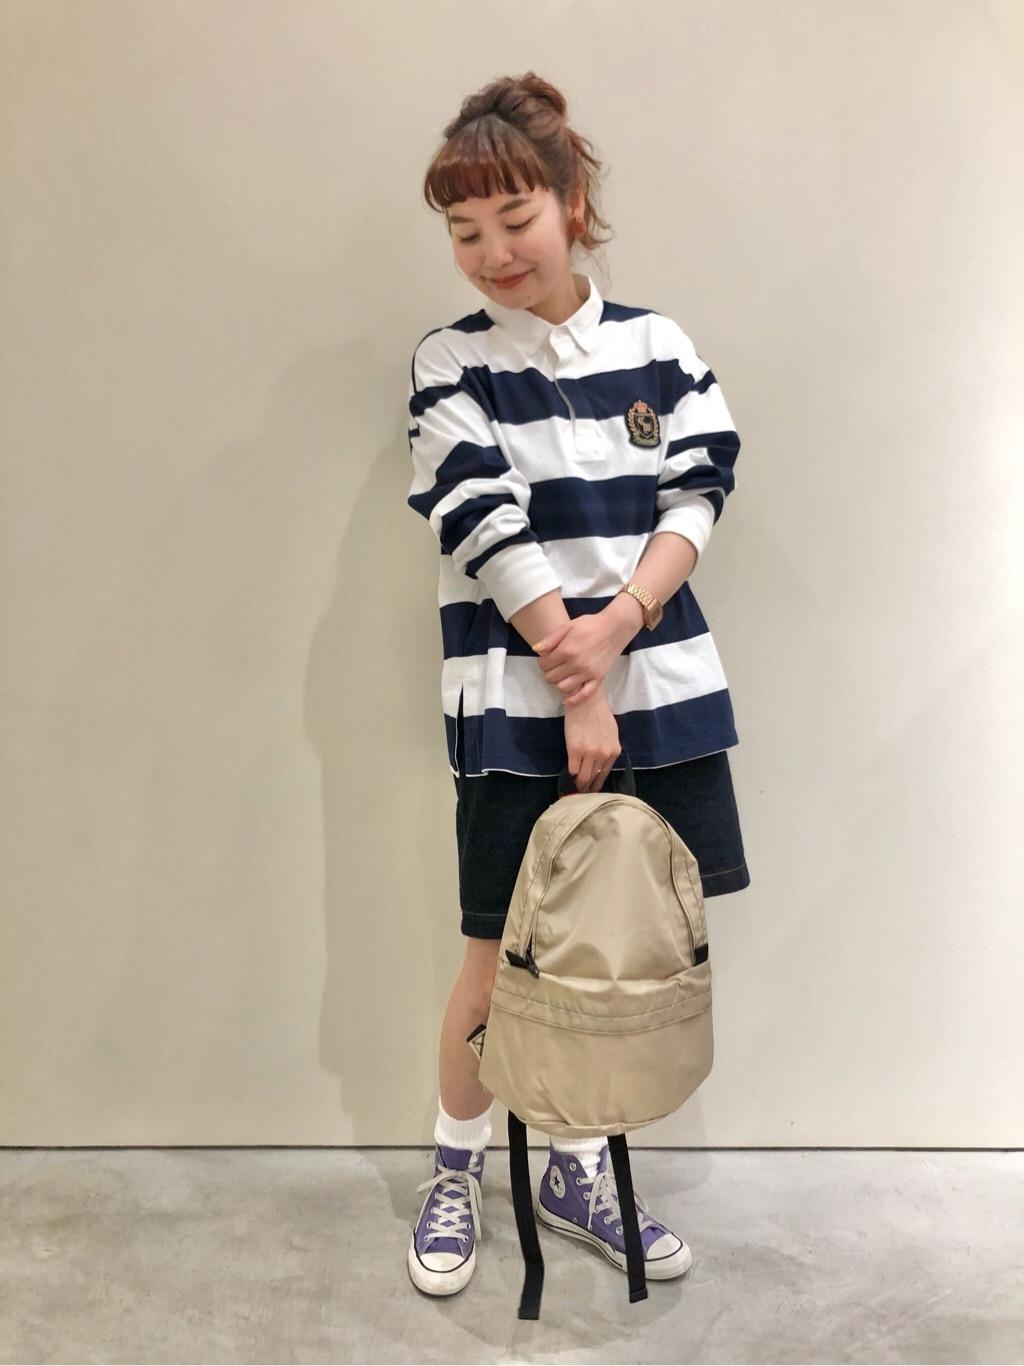 CHILD WOMAN , PAR ICI 新宿ミロード 2021.04.23